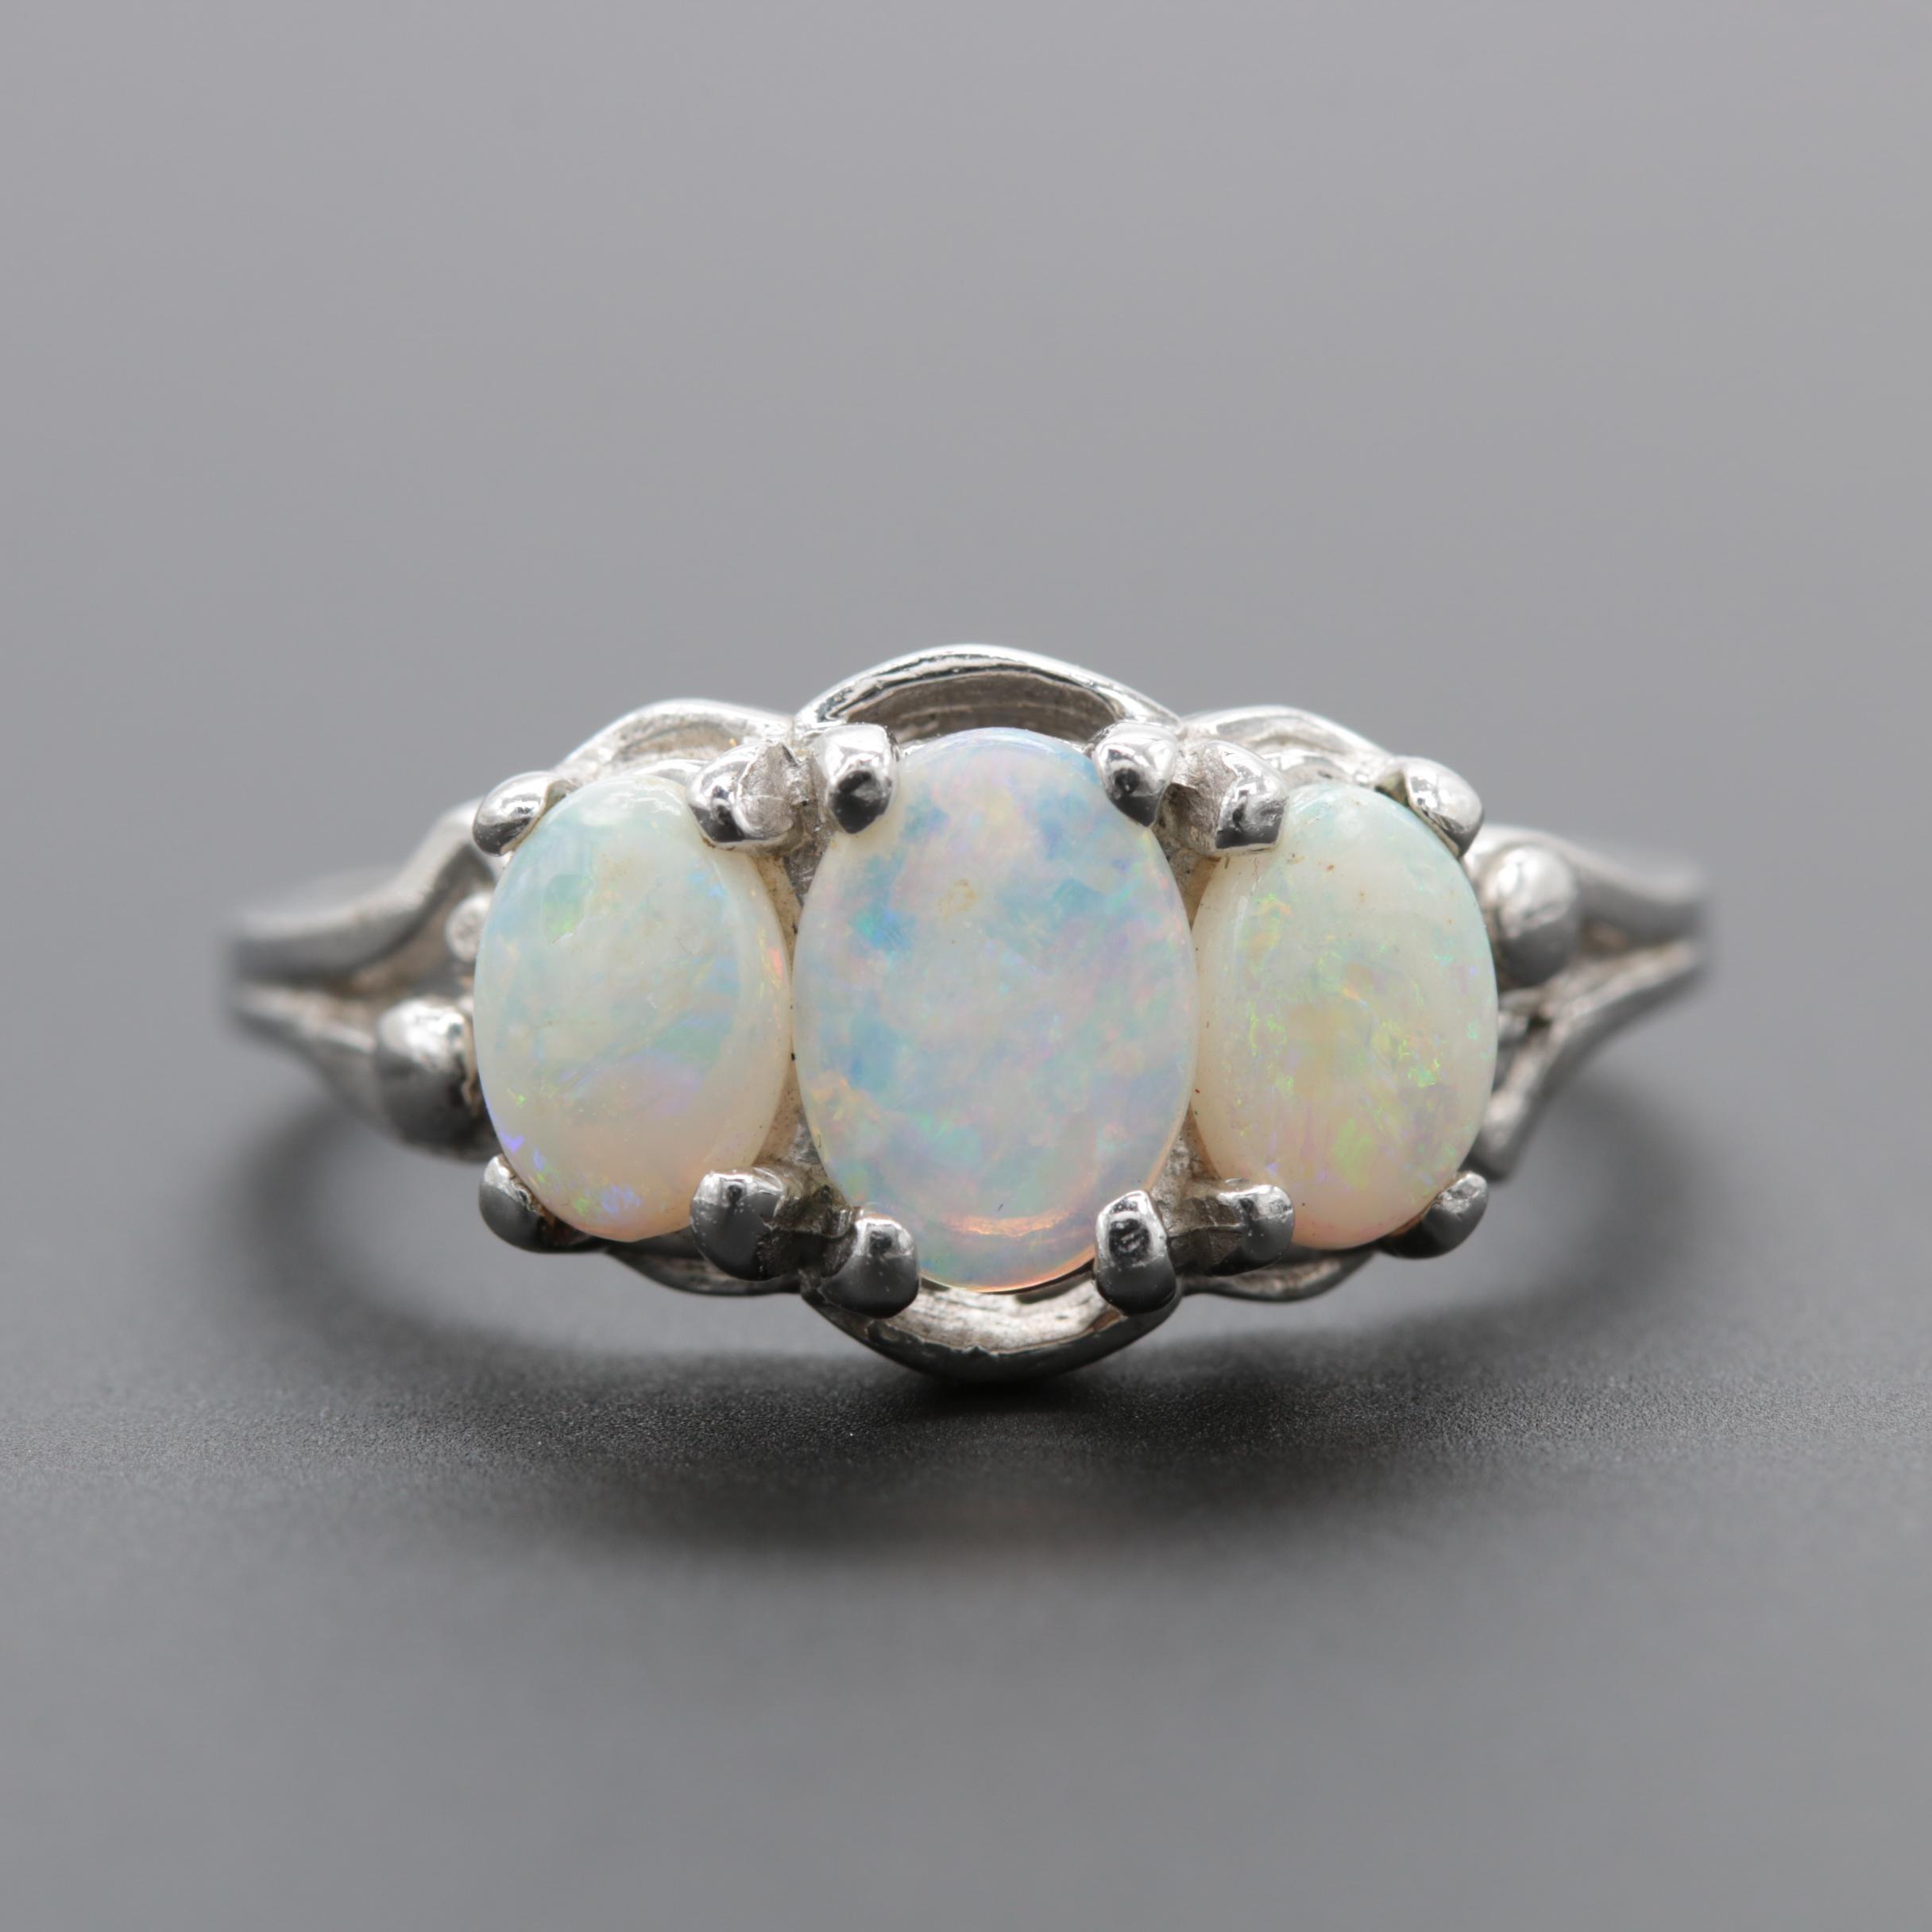 10K White Gold Opal Ring